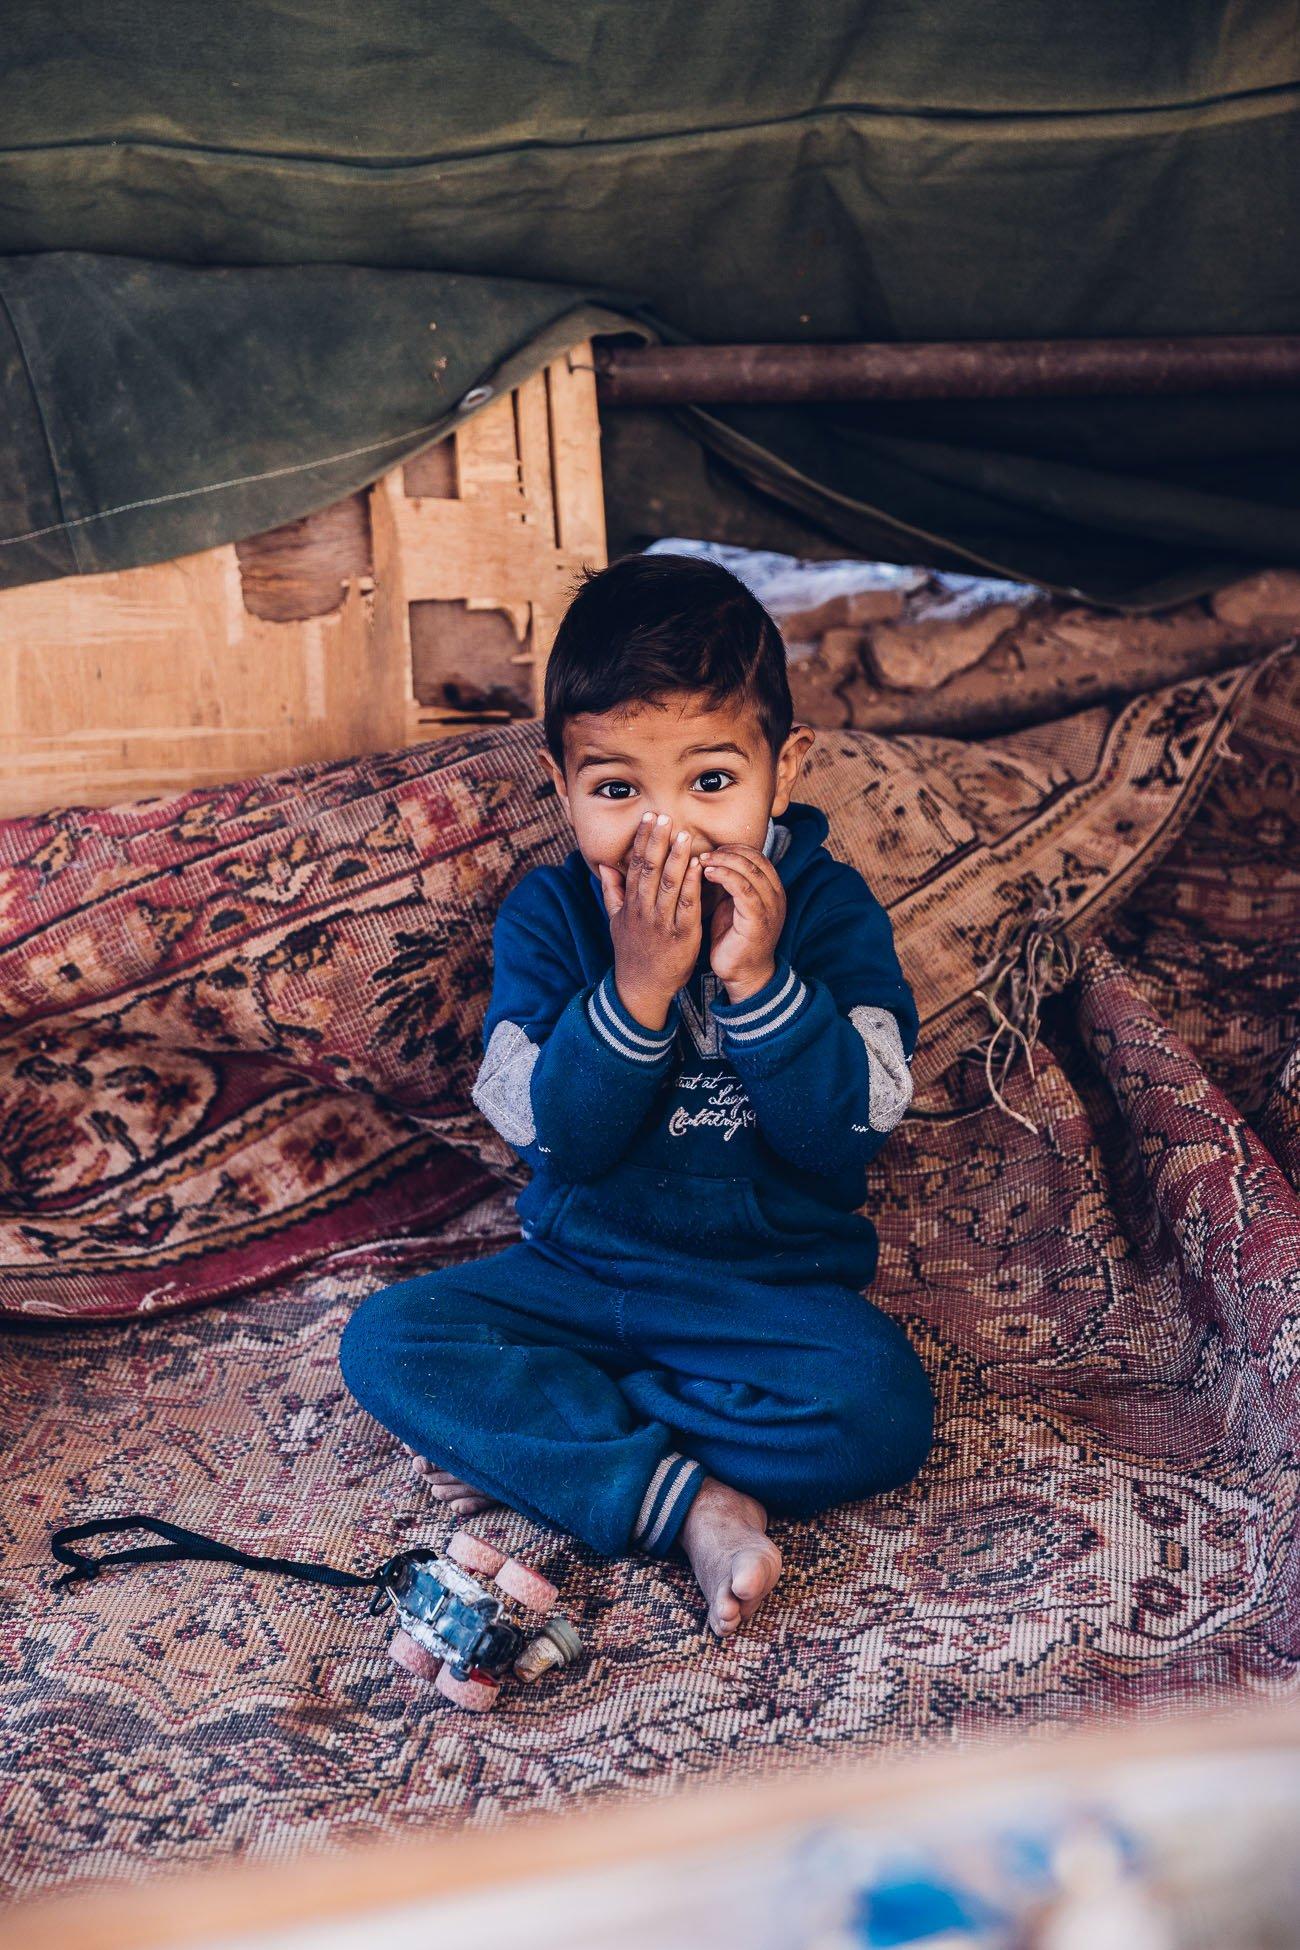 Bedouin boy in Petra Jordan